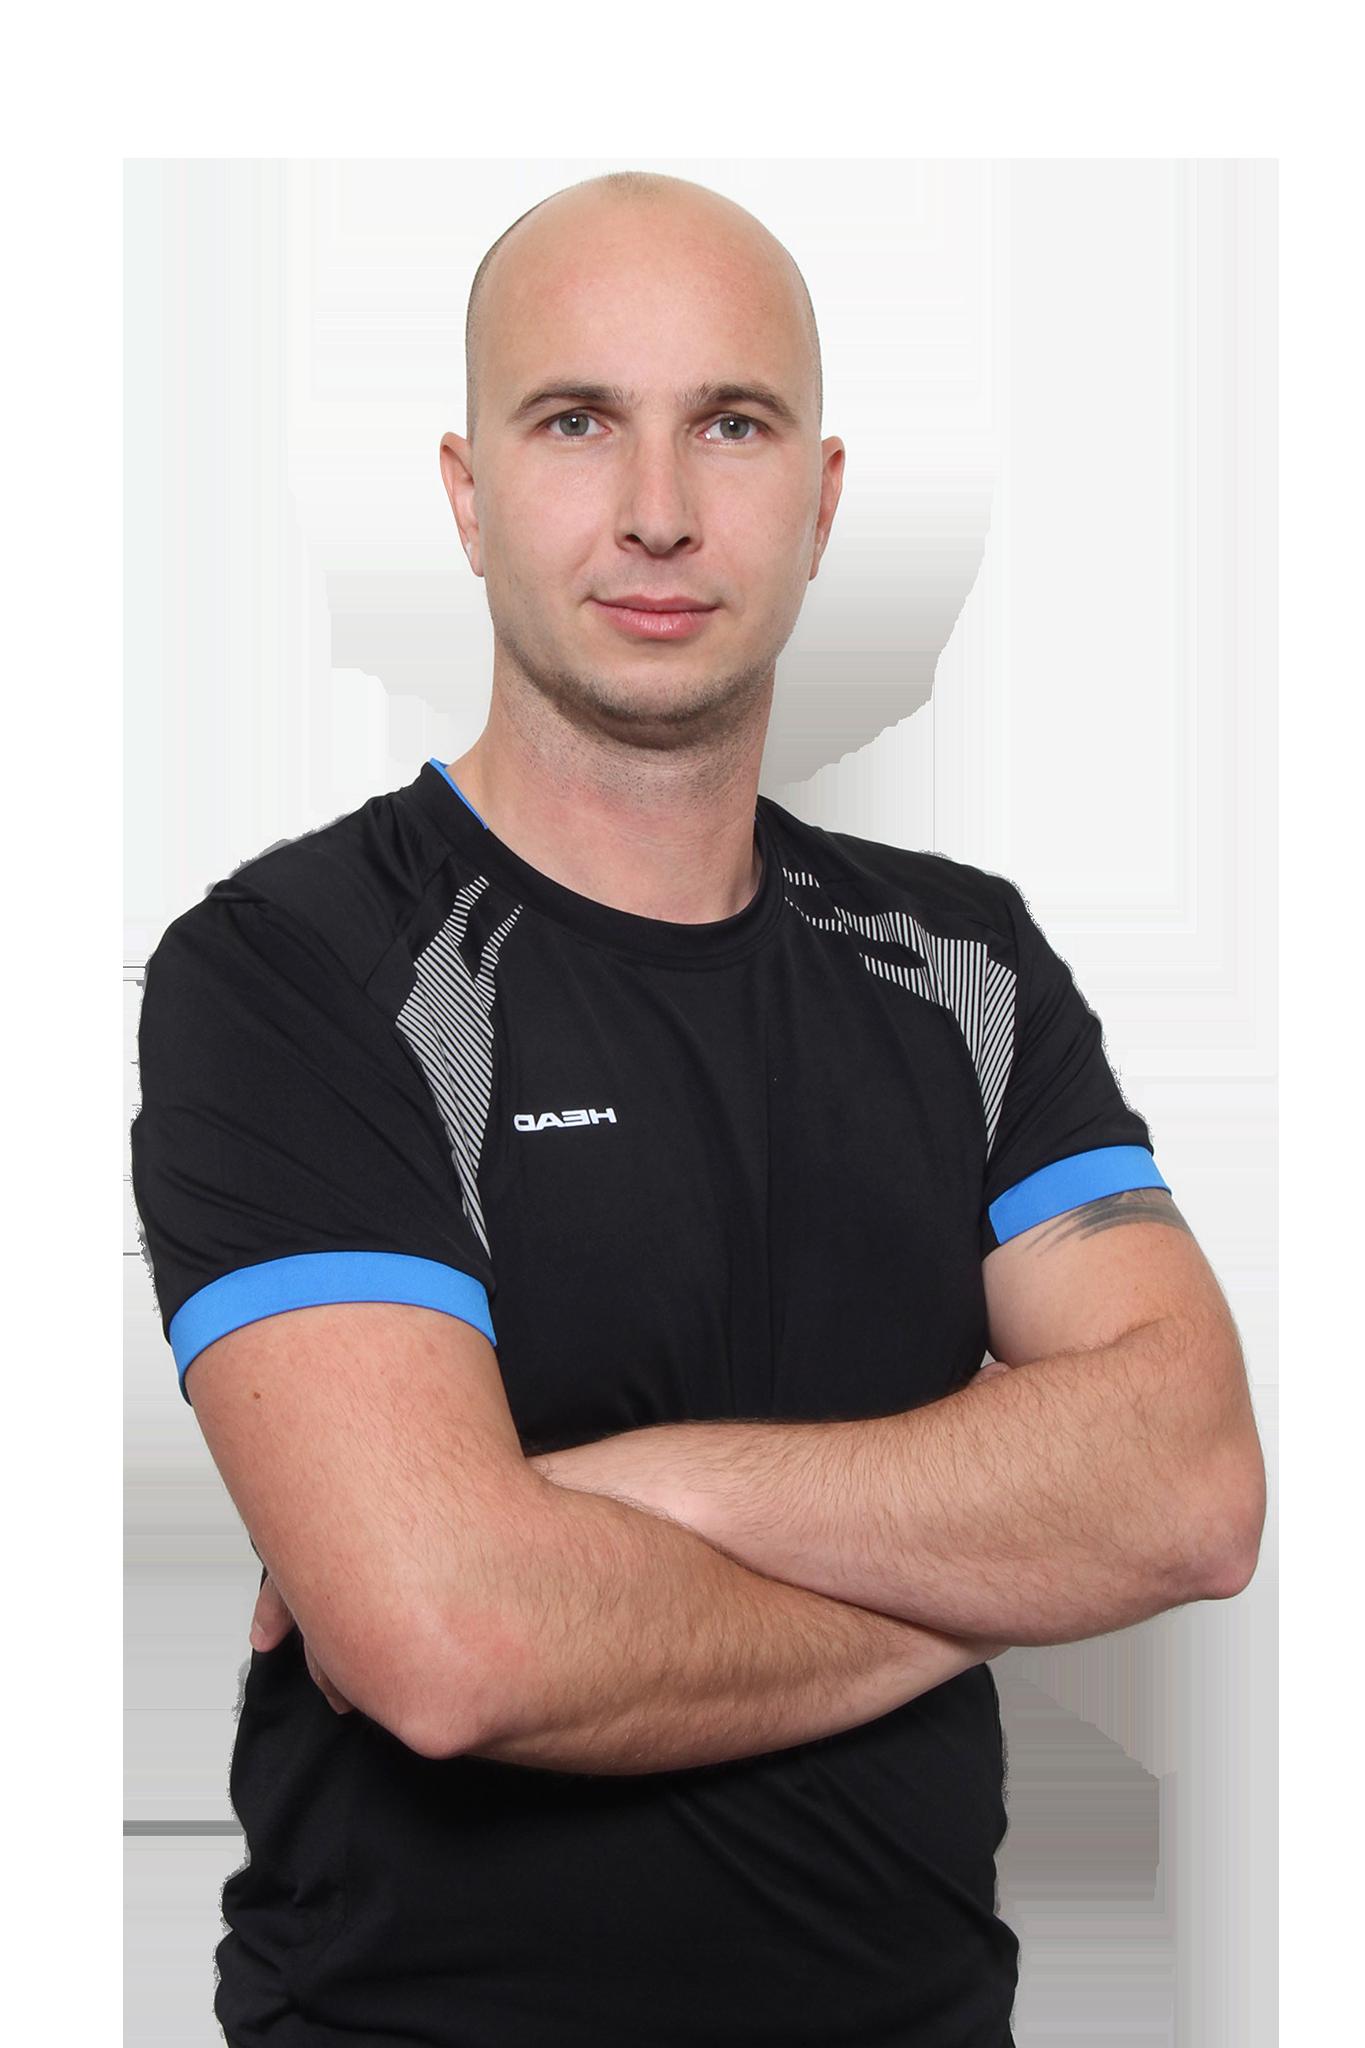 Trenér ,Trenér Praha 3, Osobní trenér, online trenér